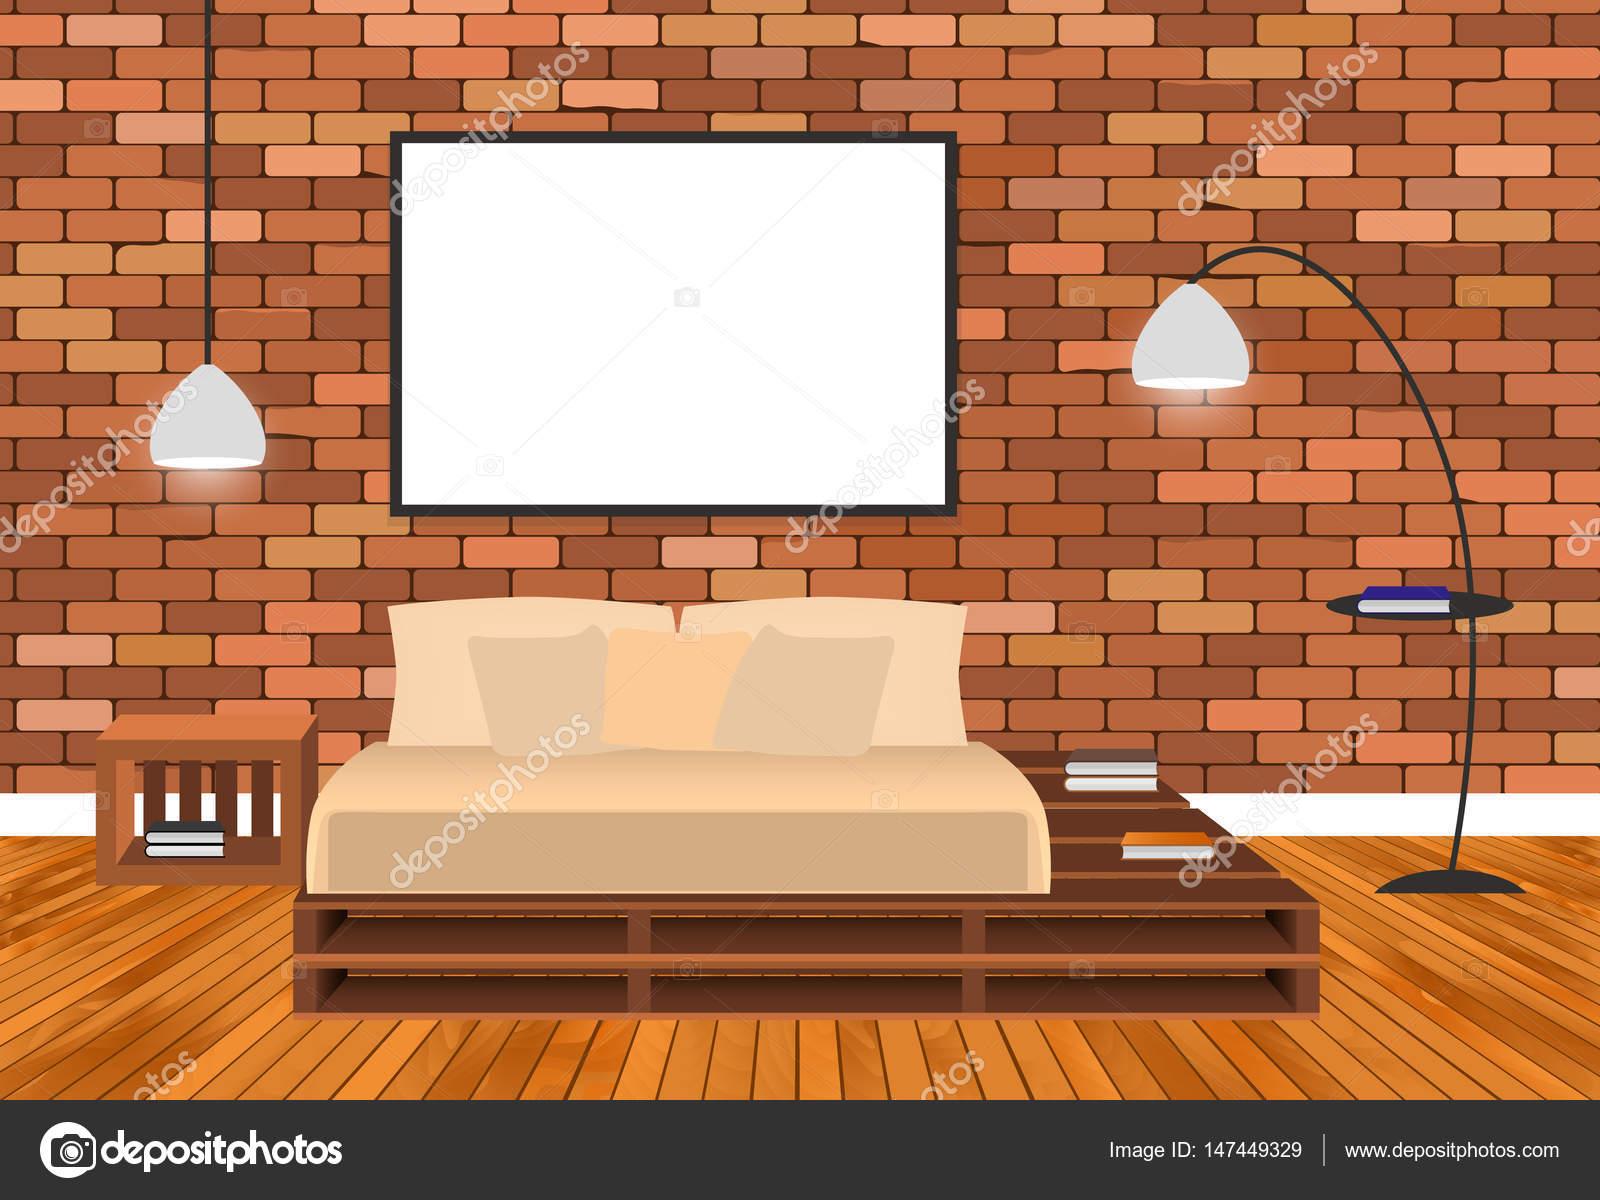 Mockup woonkamer interieur in hipster stijl met lege frame, bed ...